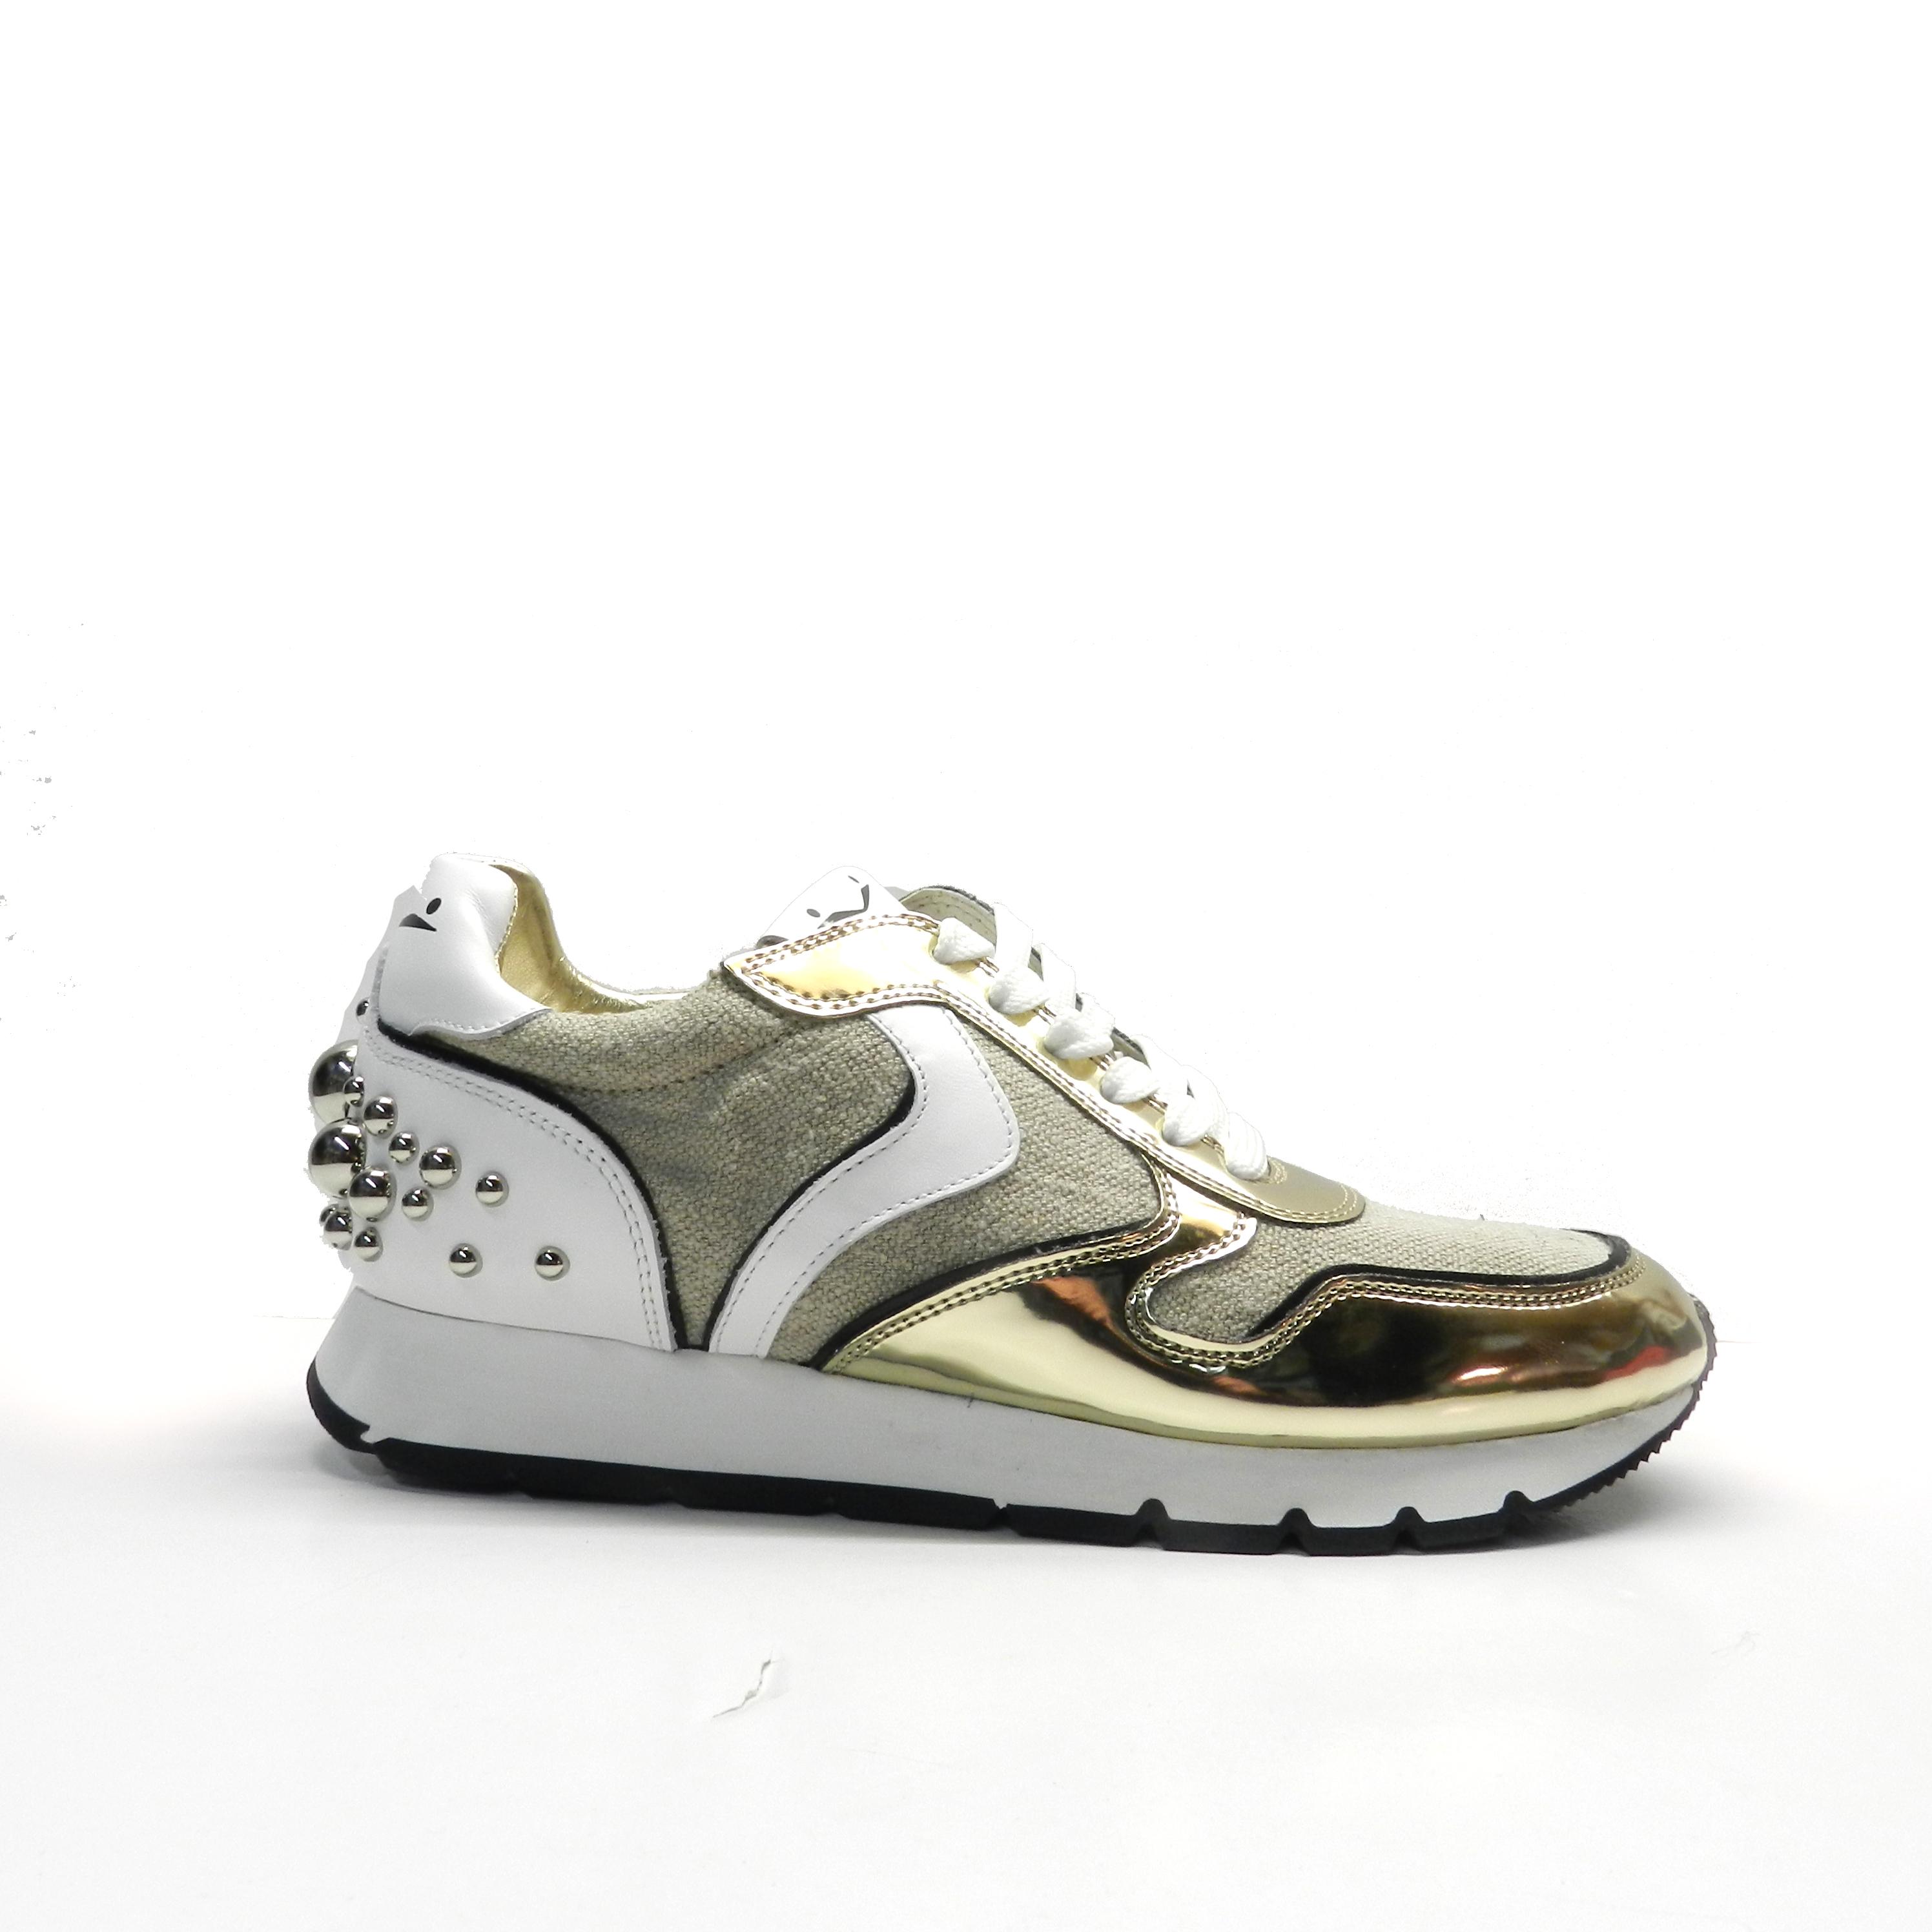 sneakers de cordones con combinación de colores y diferentes texturas.